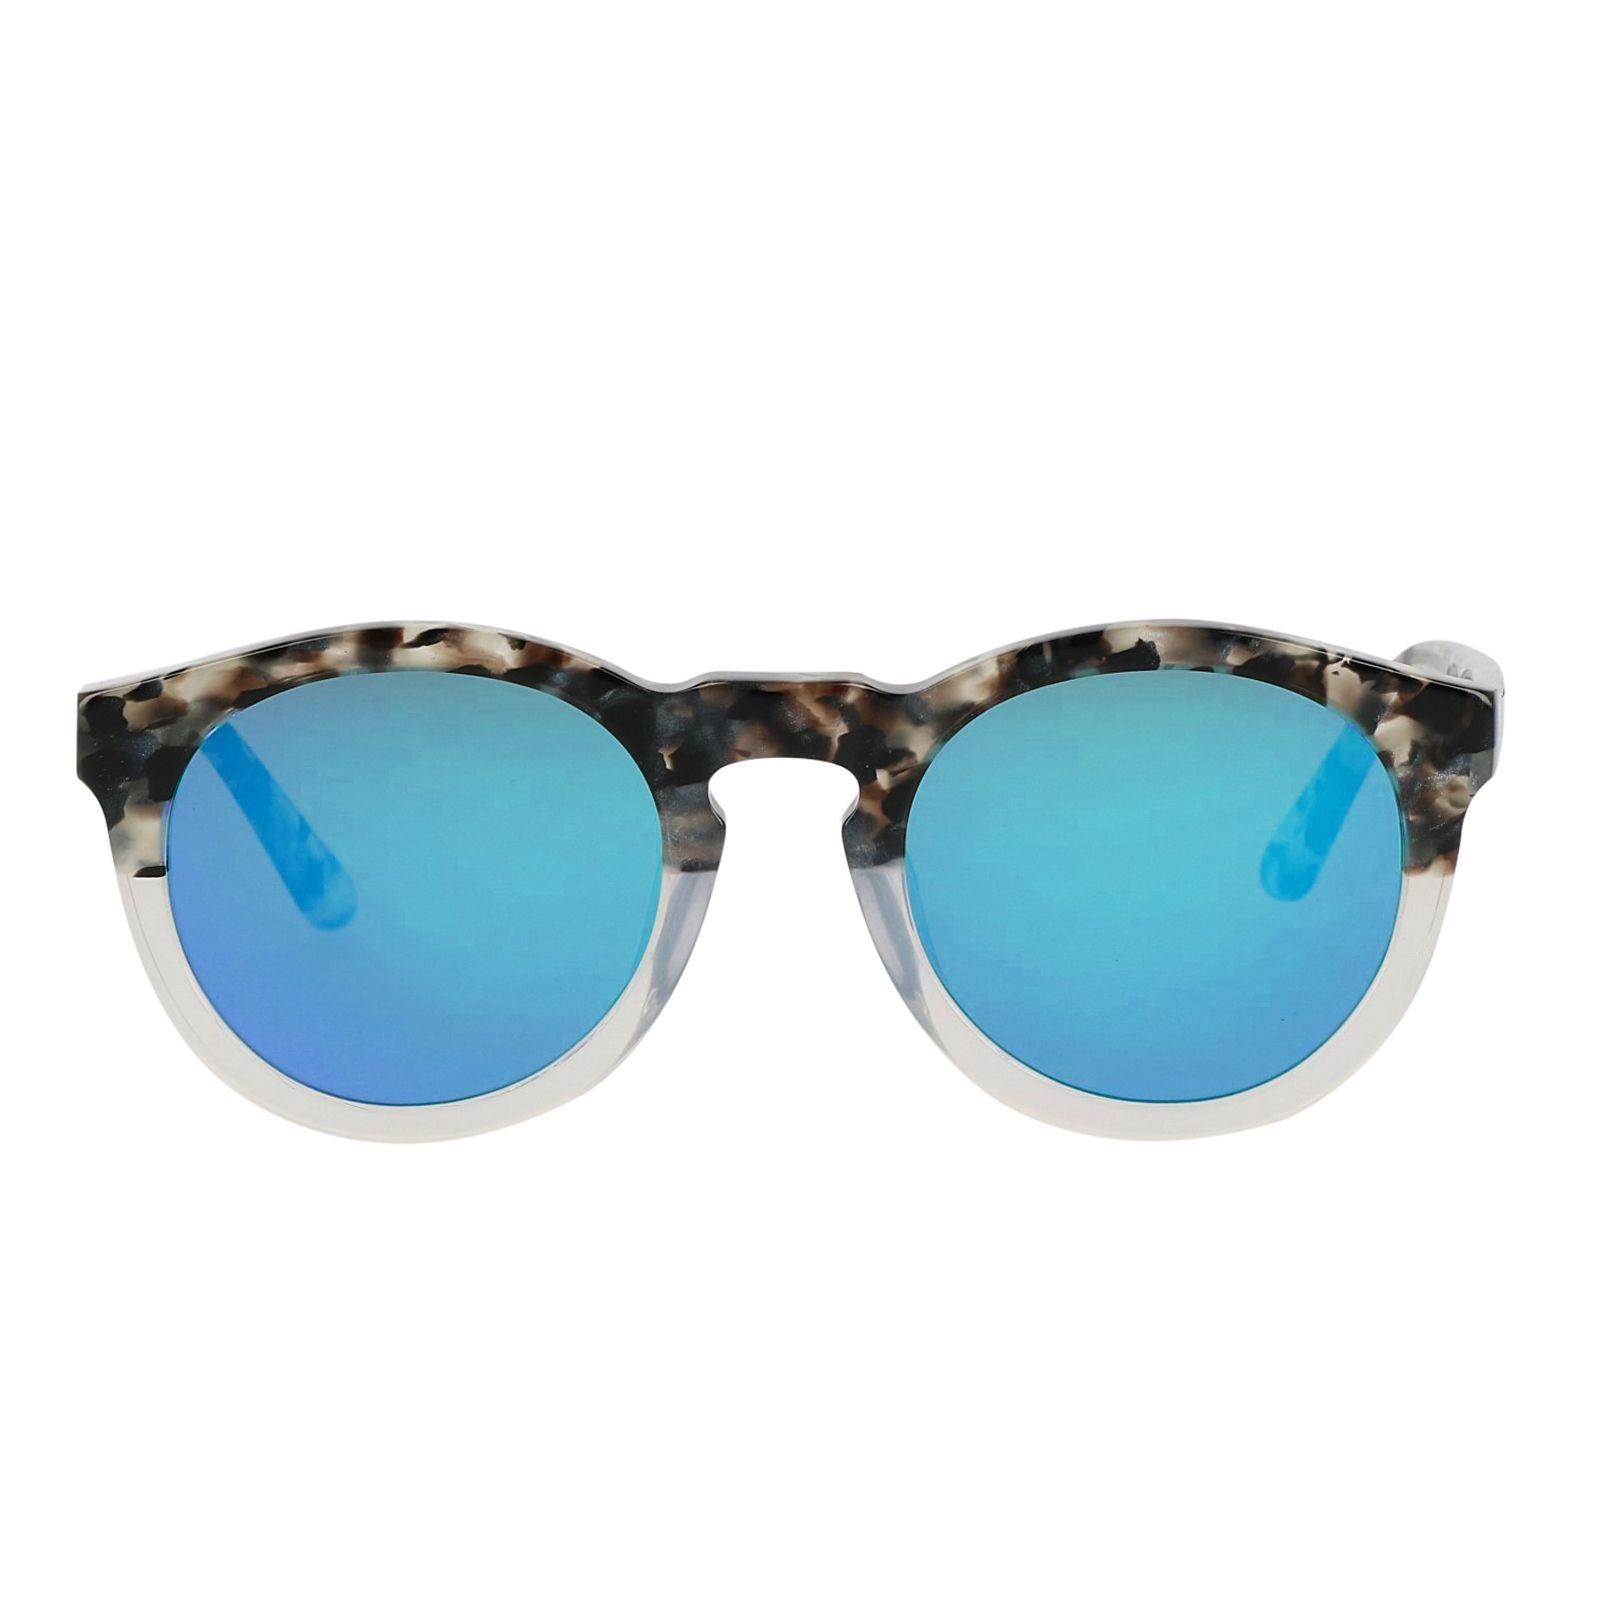 runde graue sonnenbrille mit blauen spiegelgl sern. Black Bedroom Furniture Sets. Home Design Ideas